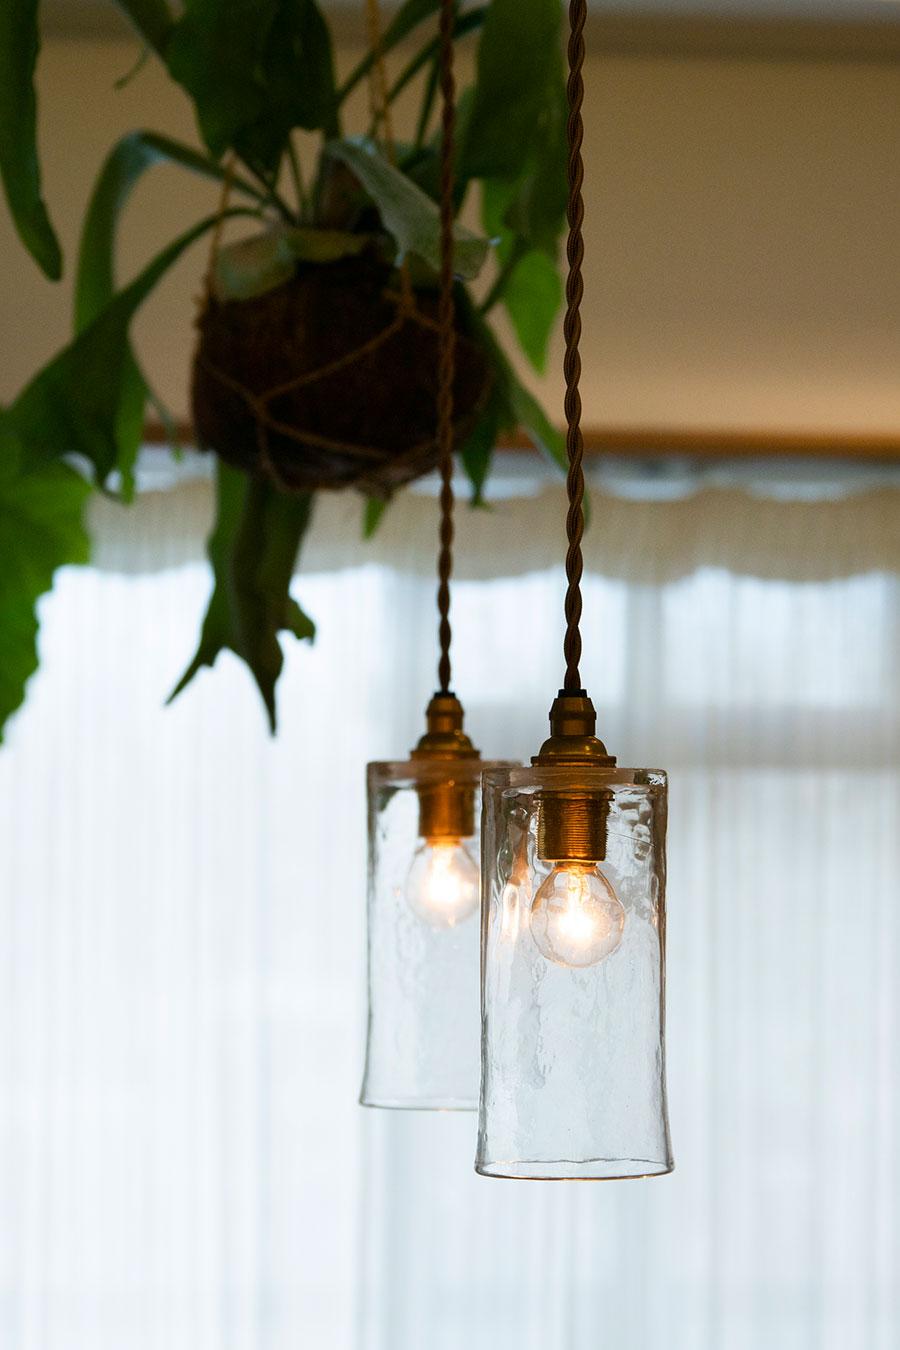 ガラス作家・安土草多さんのペンダントライト。温もりのある明かりが灯る。